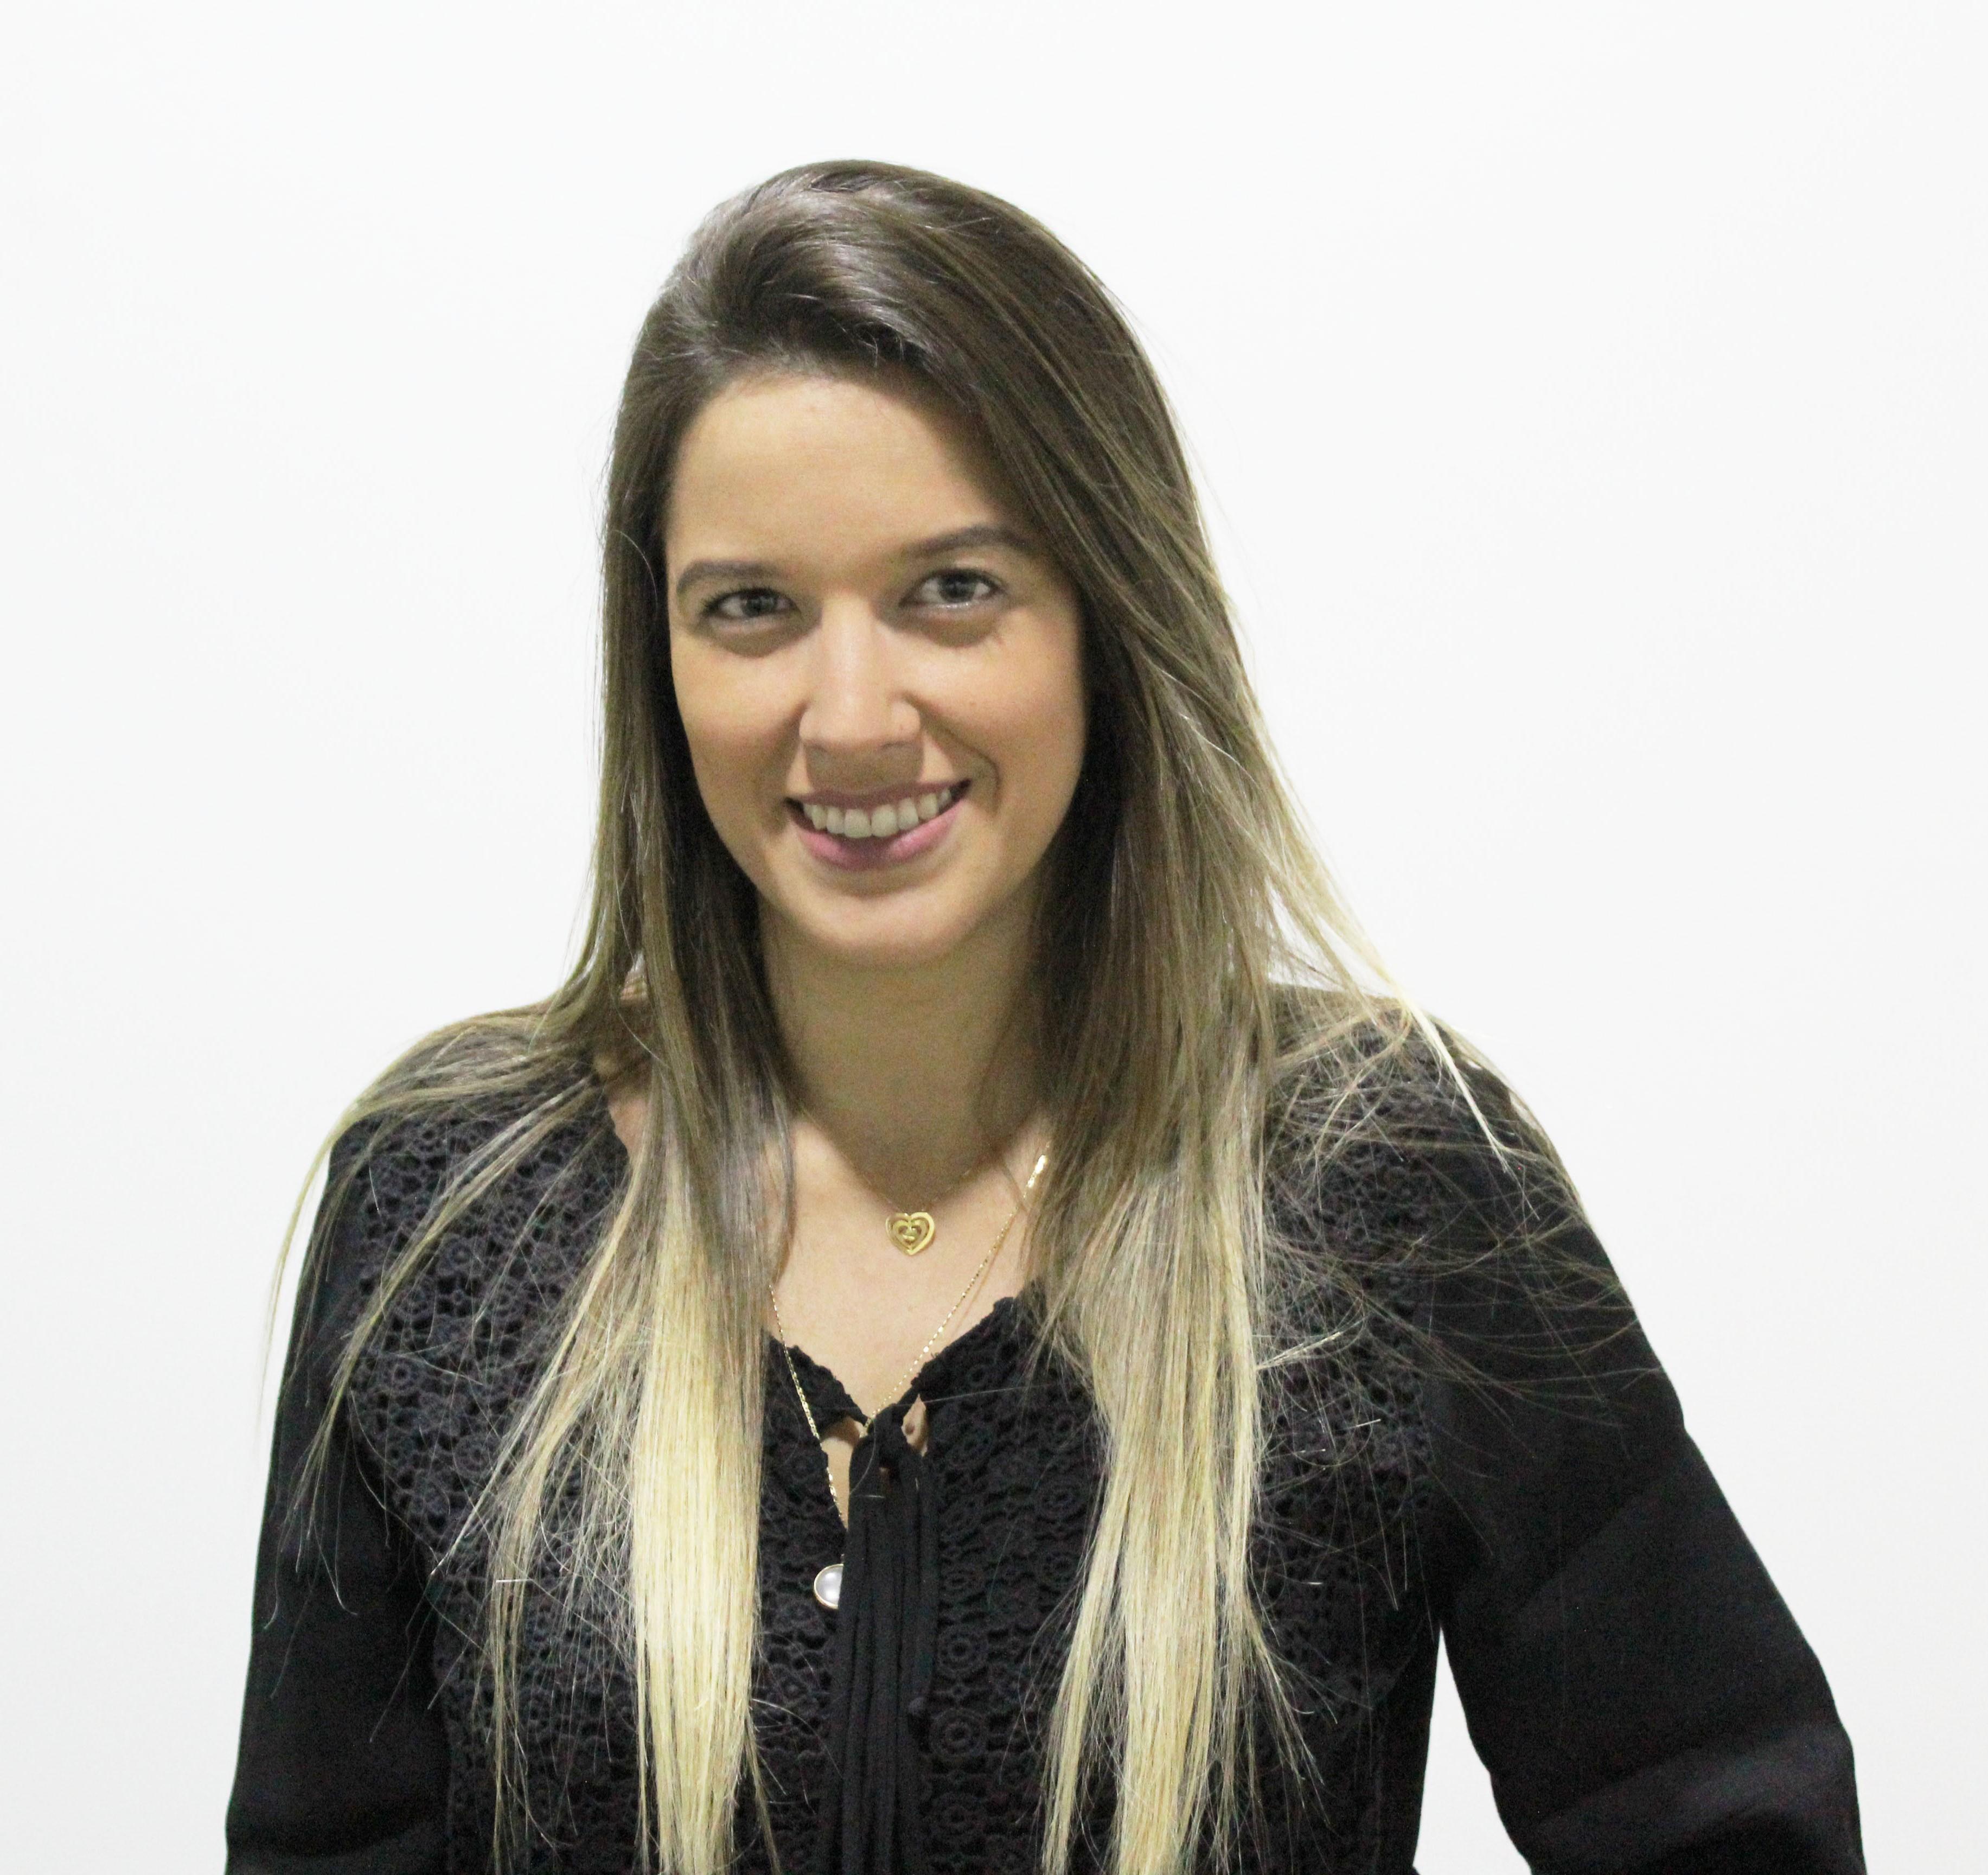 Daniela Prado Salerno